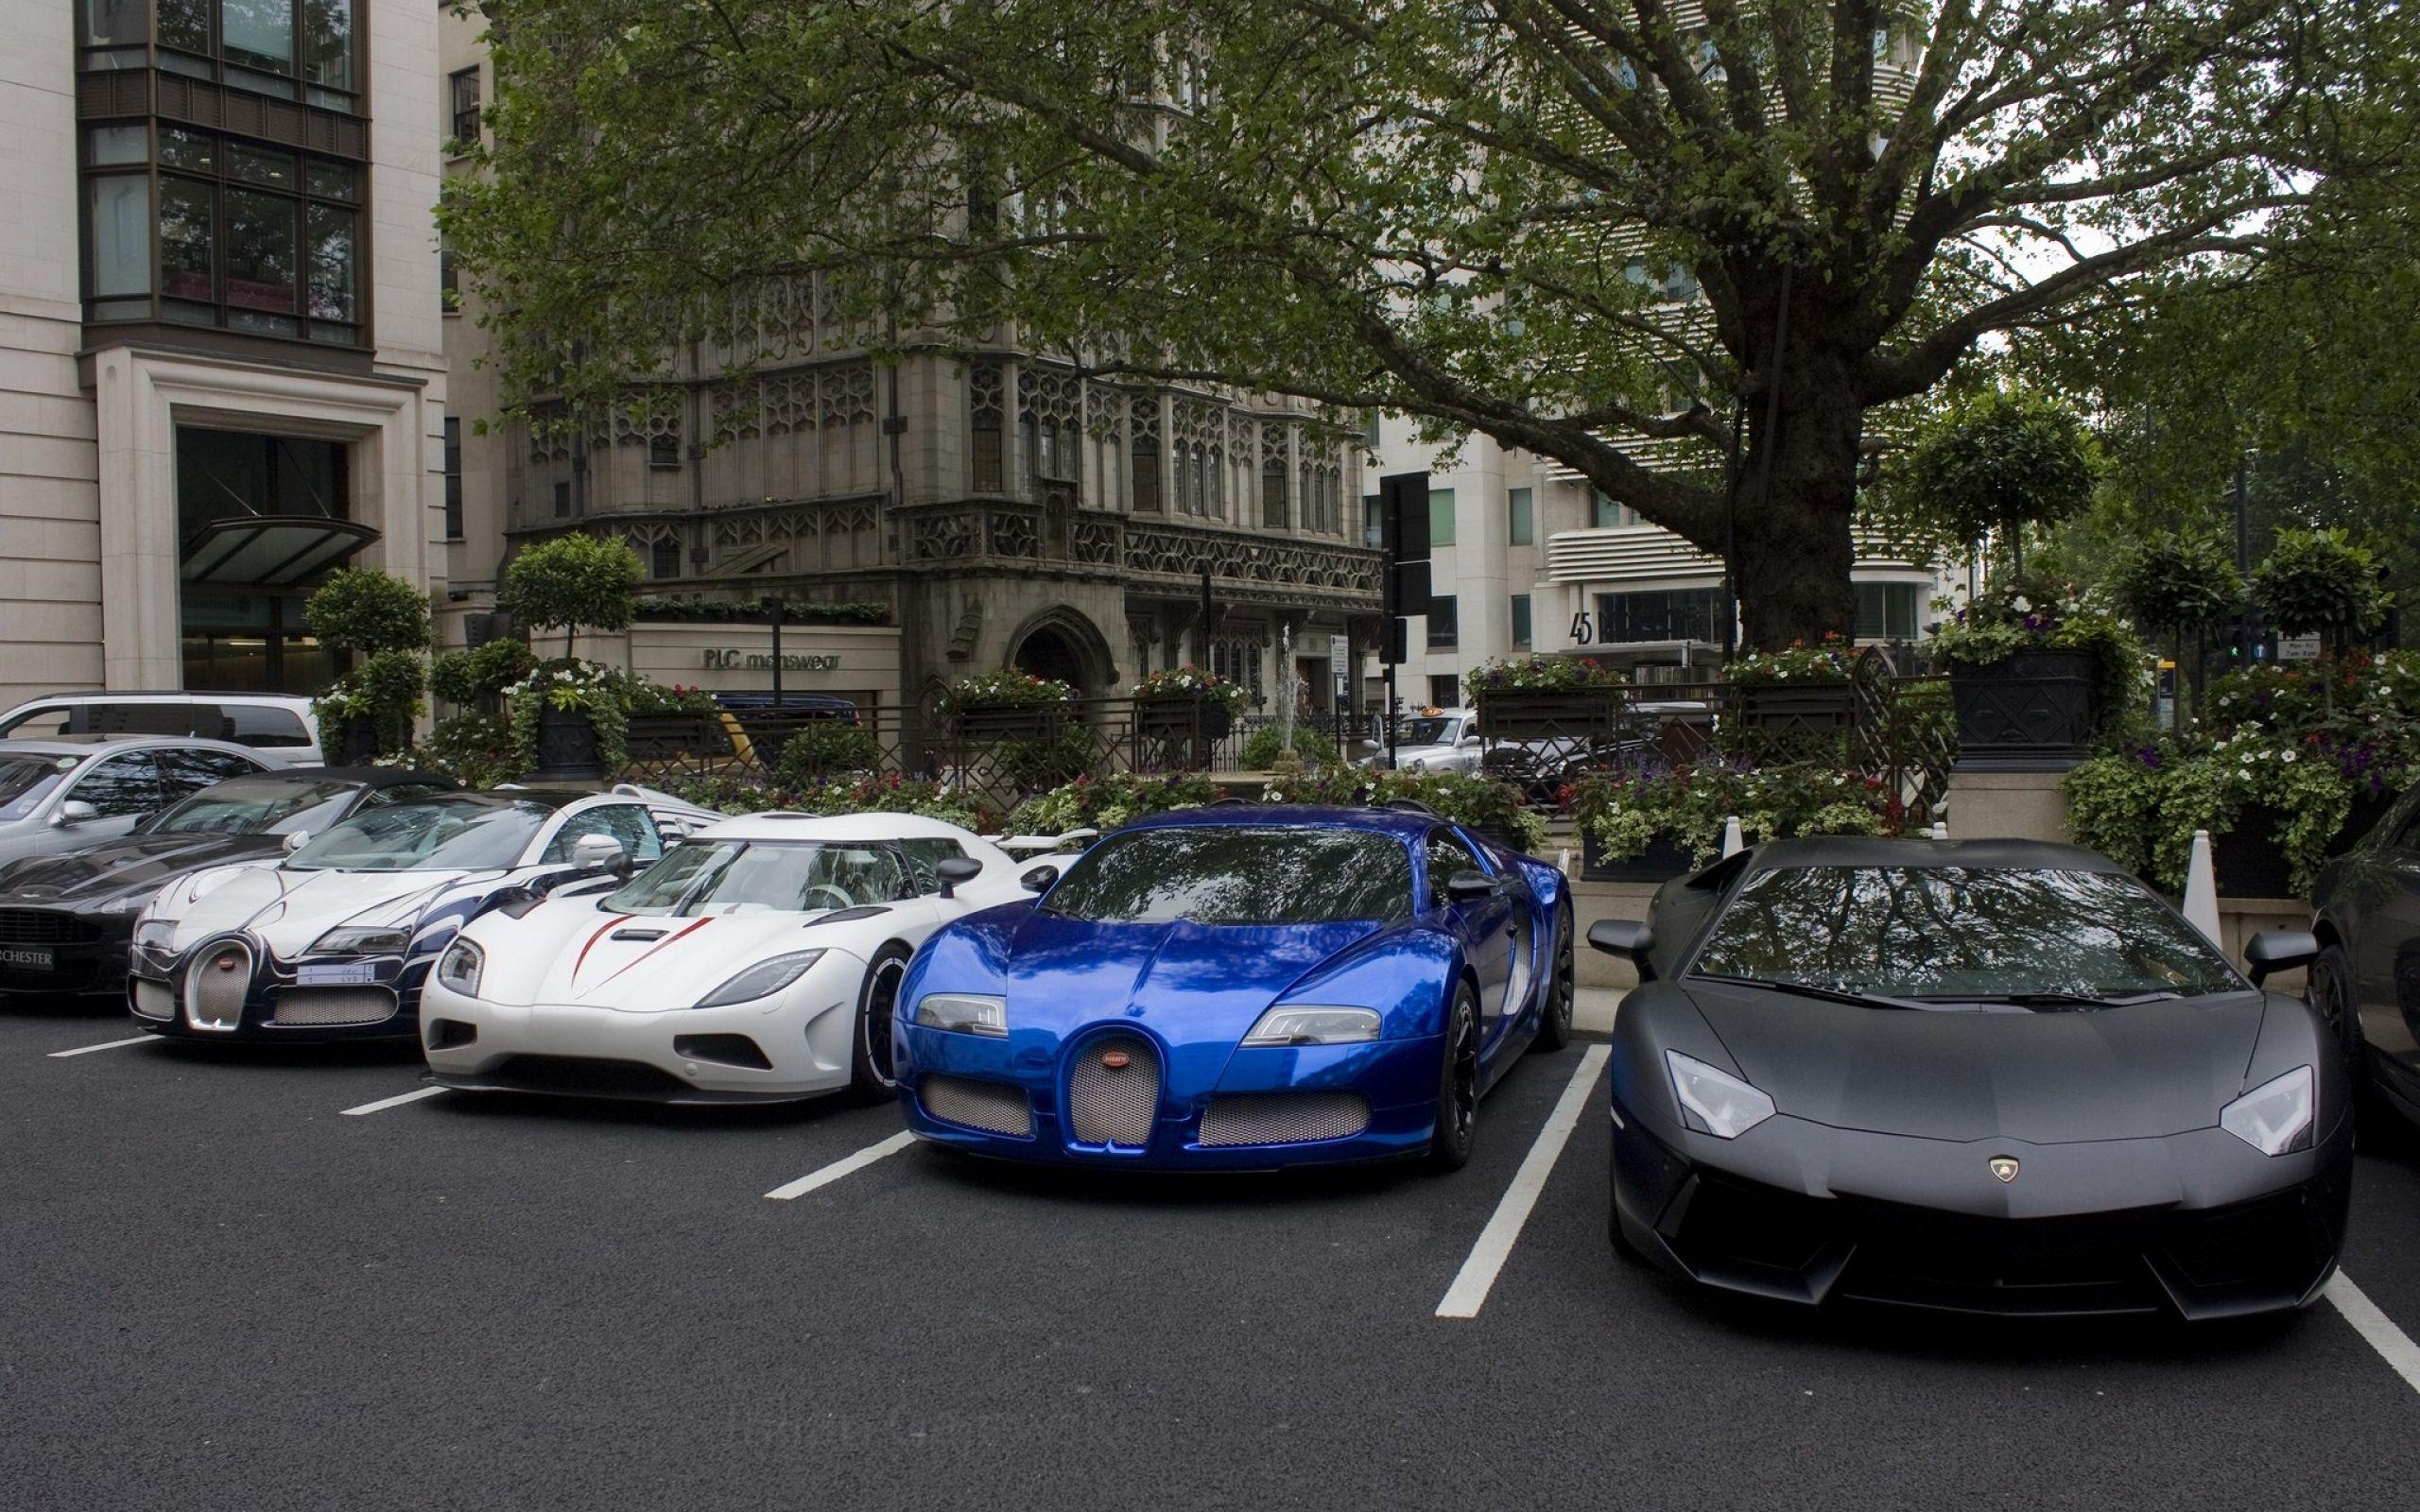 8606e28dd4a94fb368061fadca11f6cb Inspiring Bugatti Veyron Vs Lamborghini Gallardo Cars Trend